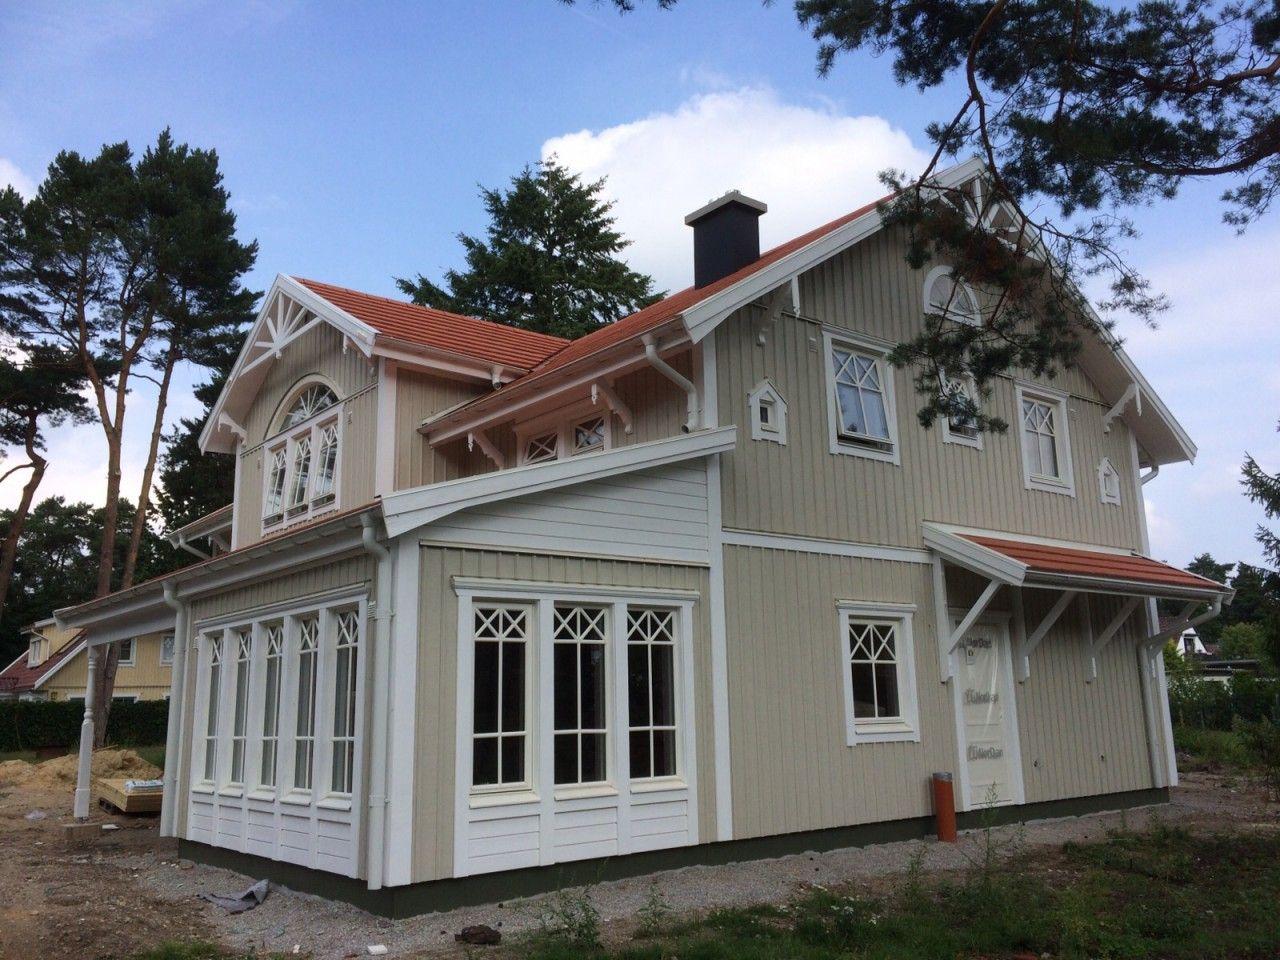 Informationen und WIssen zu den Themen Holzhaus, Schweden und hausbau finden Sie auf unserer Seite Interessantes.